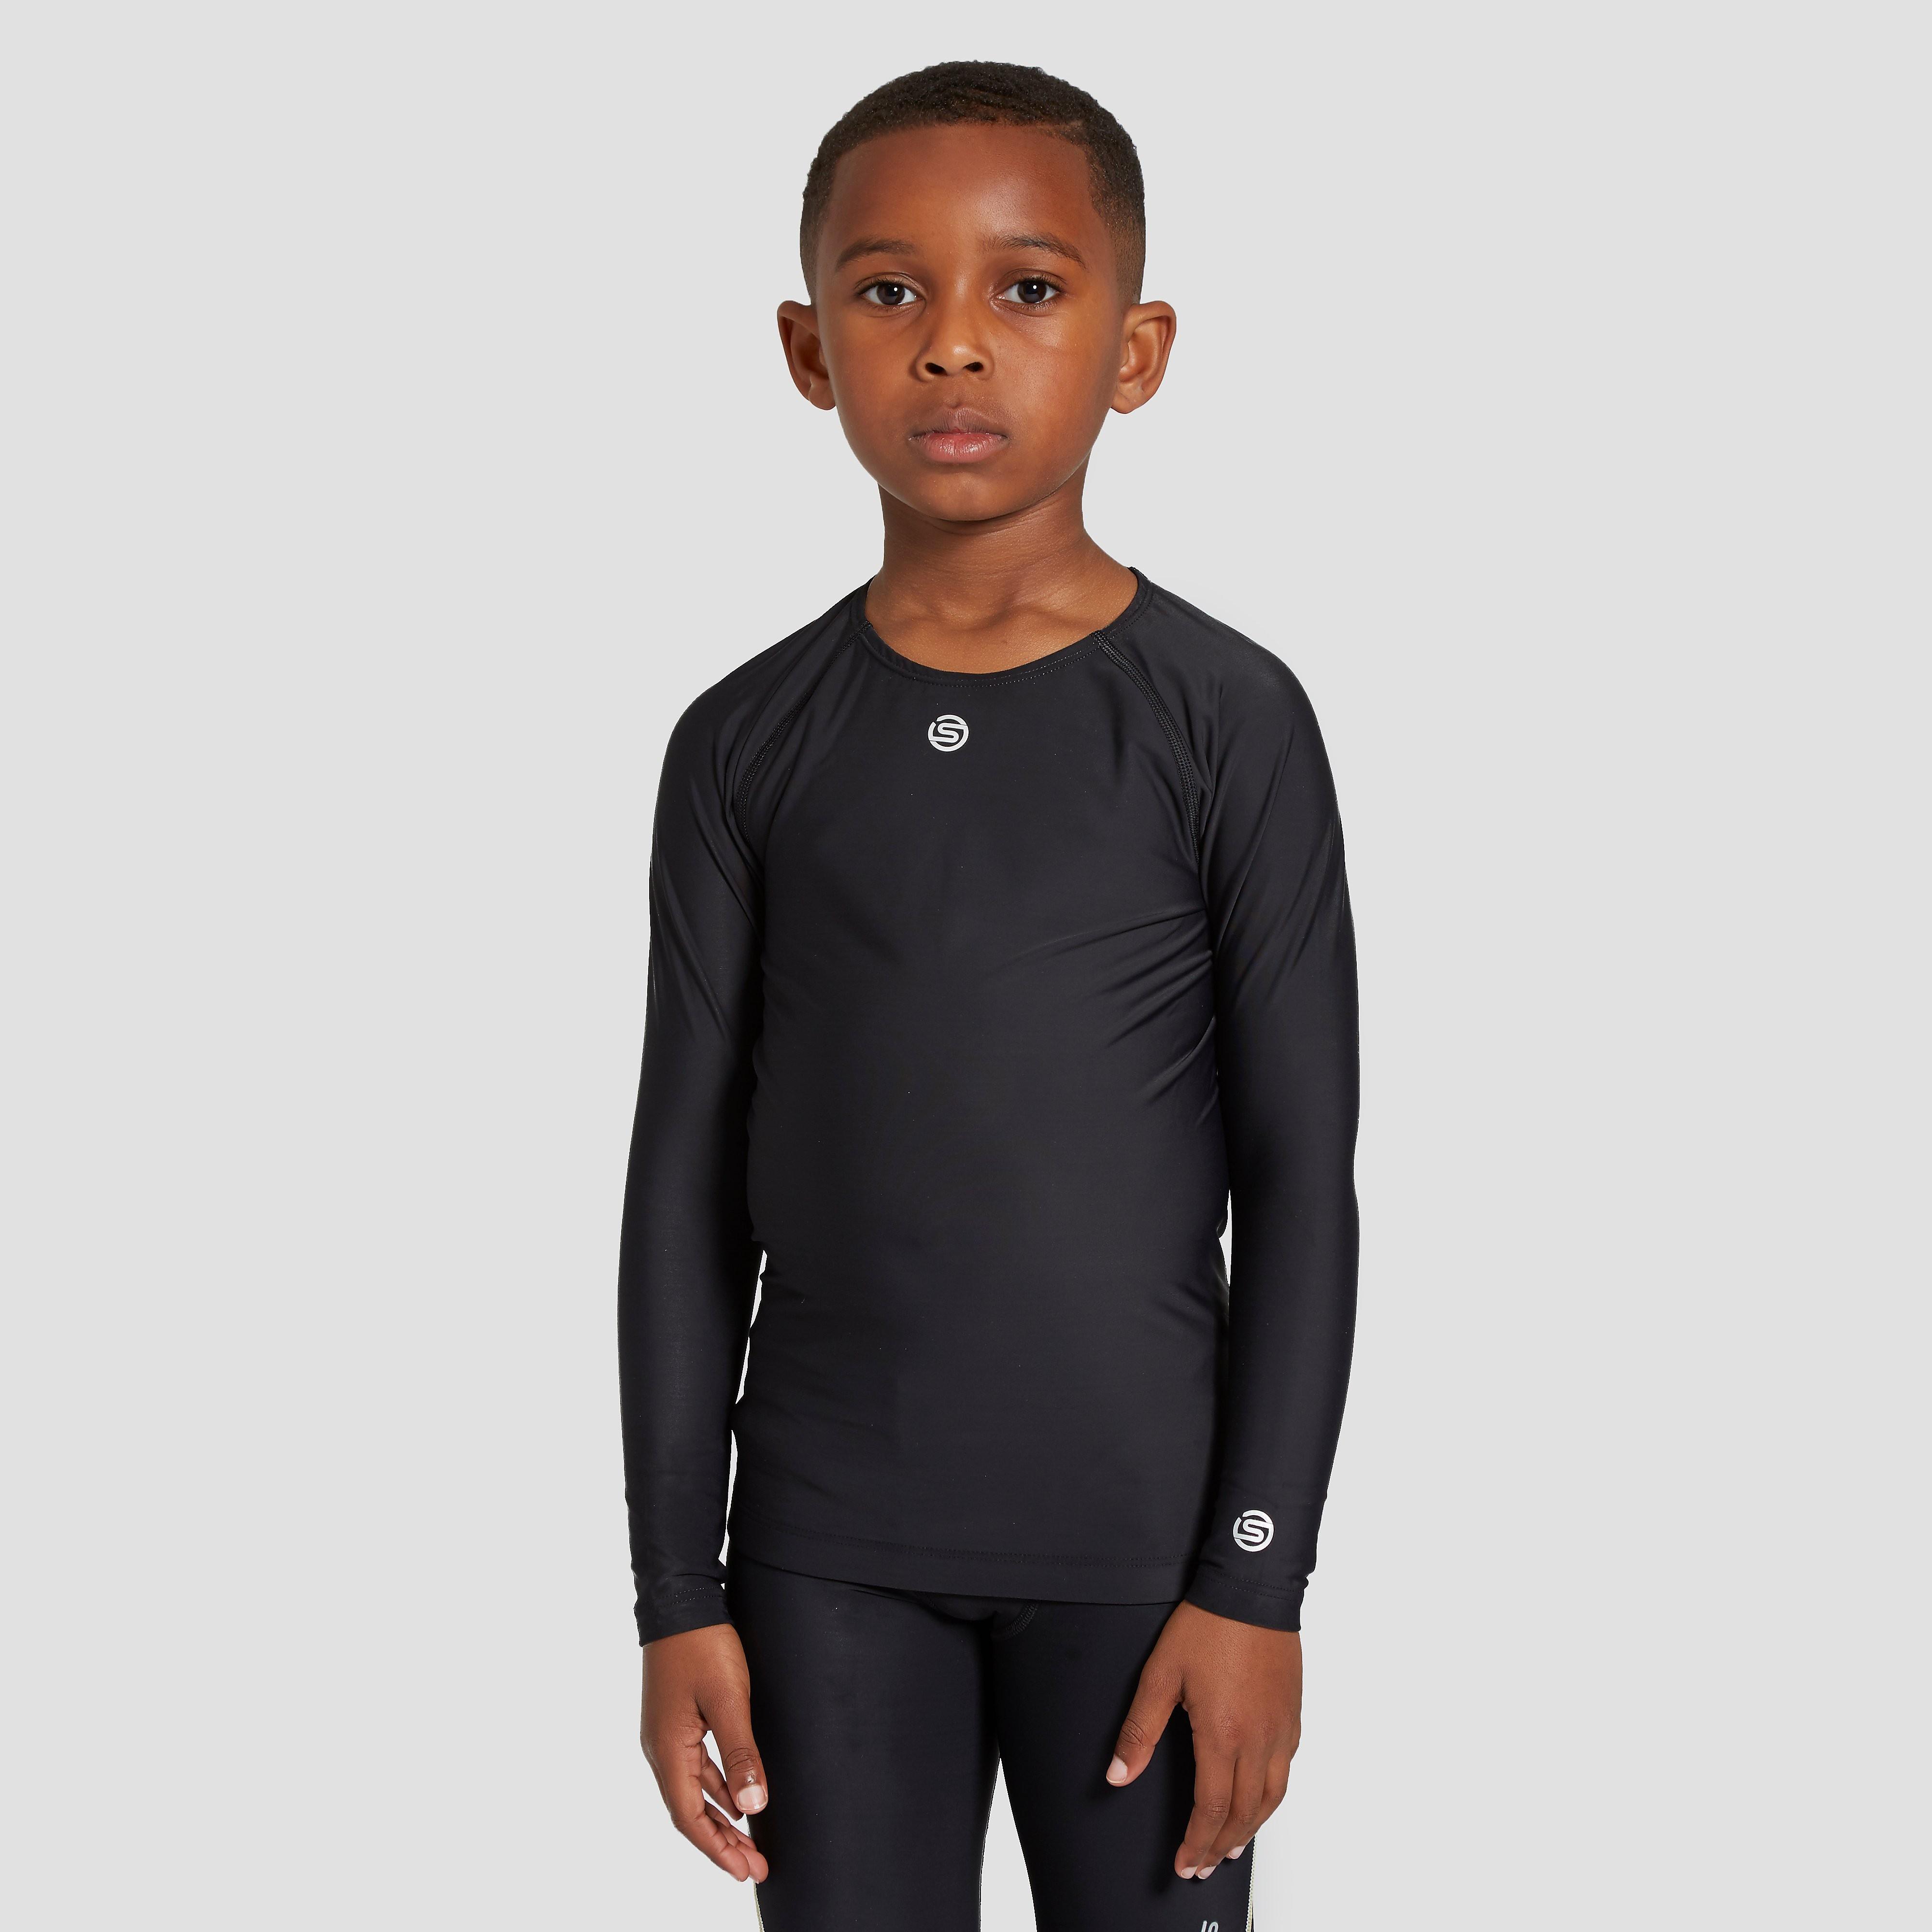 Skins DNAmic Junior Team Long Sleeve Top